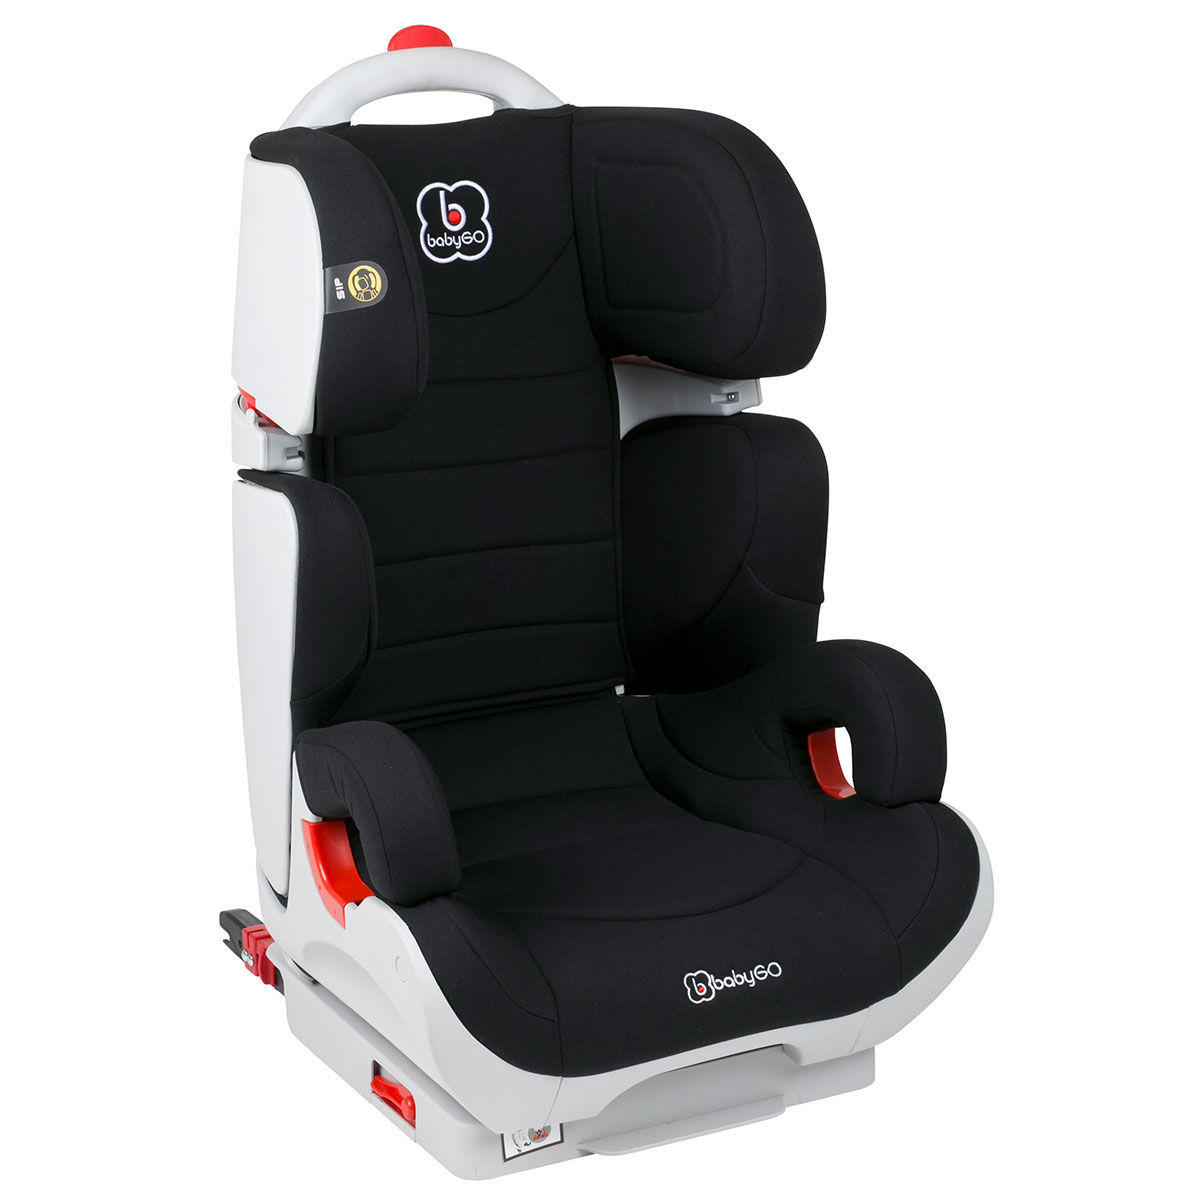 Afbeelding van Autostoel BabyGO Wega IsoFix Zwart (15-36kg)